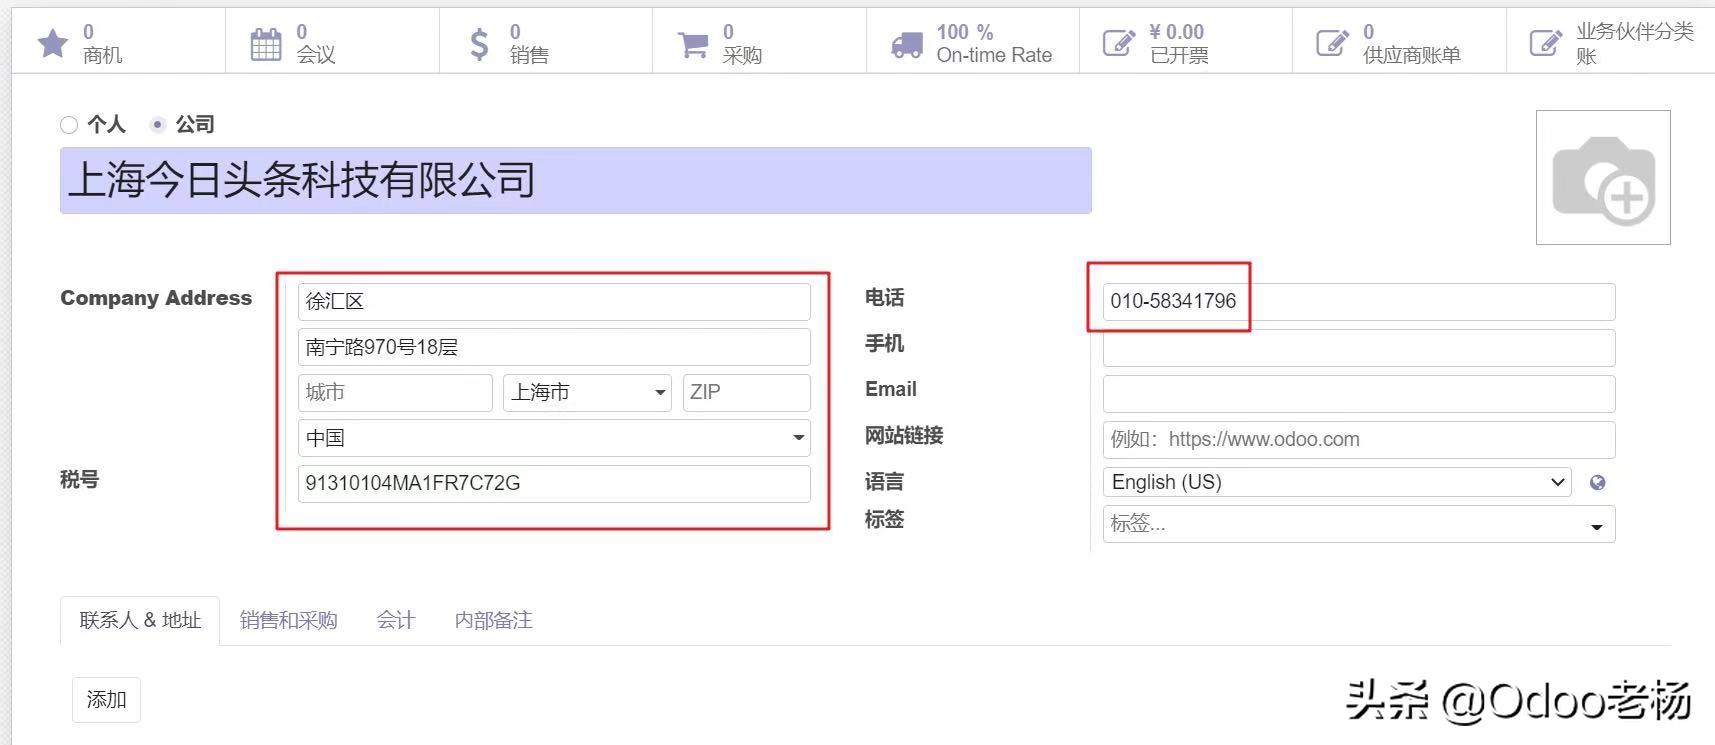 Odoo14免费开源ERP:企业客户档案信息自动补全功能演示